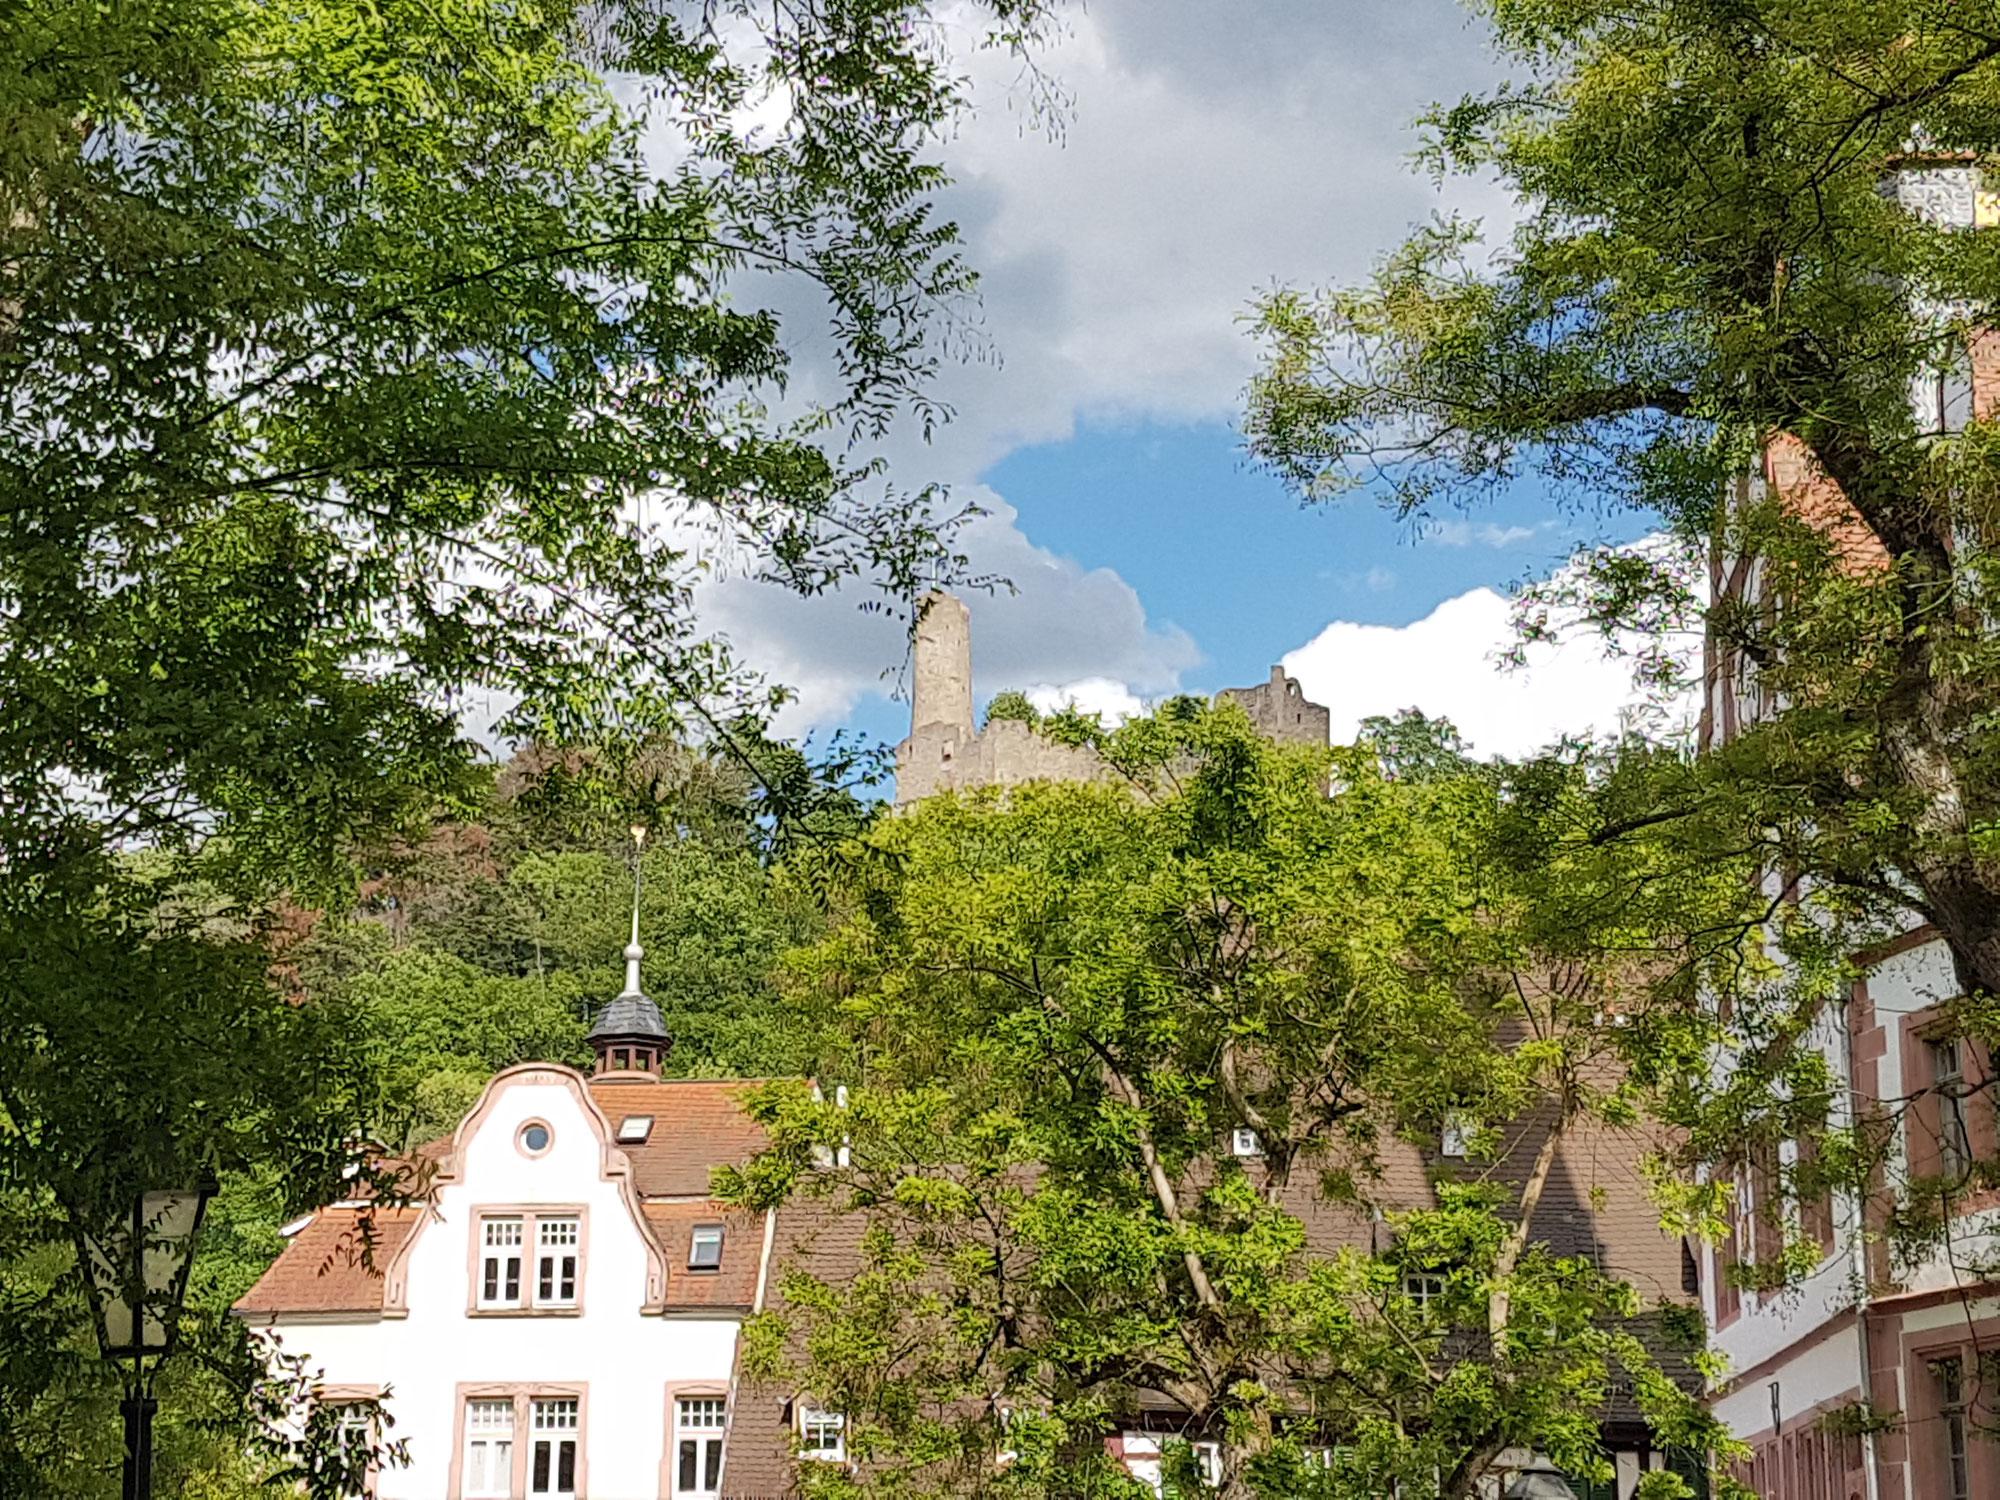 Kleine Auszeit - Entspannung & Achtsamkeit - Wochenende in Weinheim -10.09.21 - 12.09.21